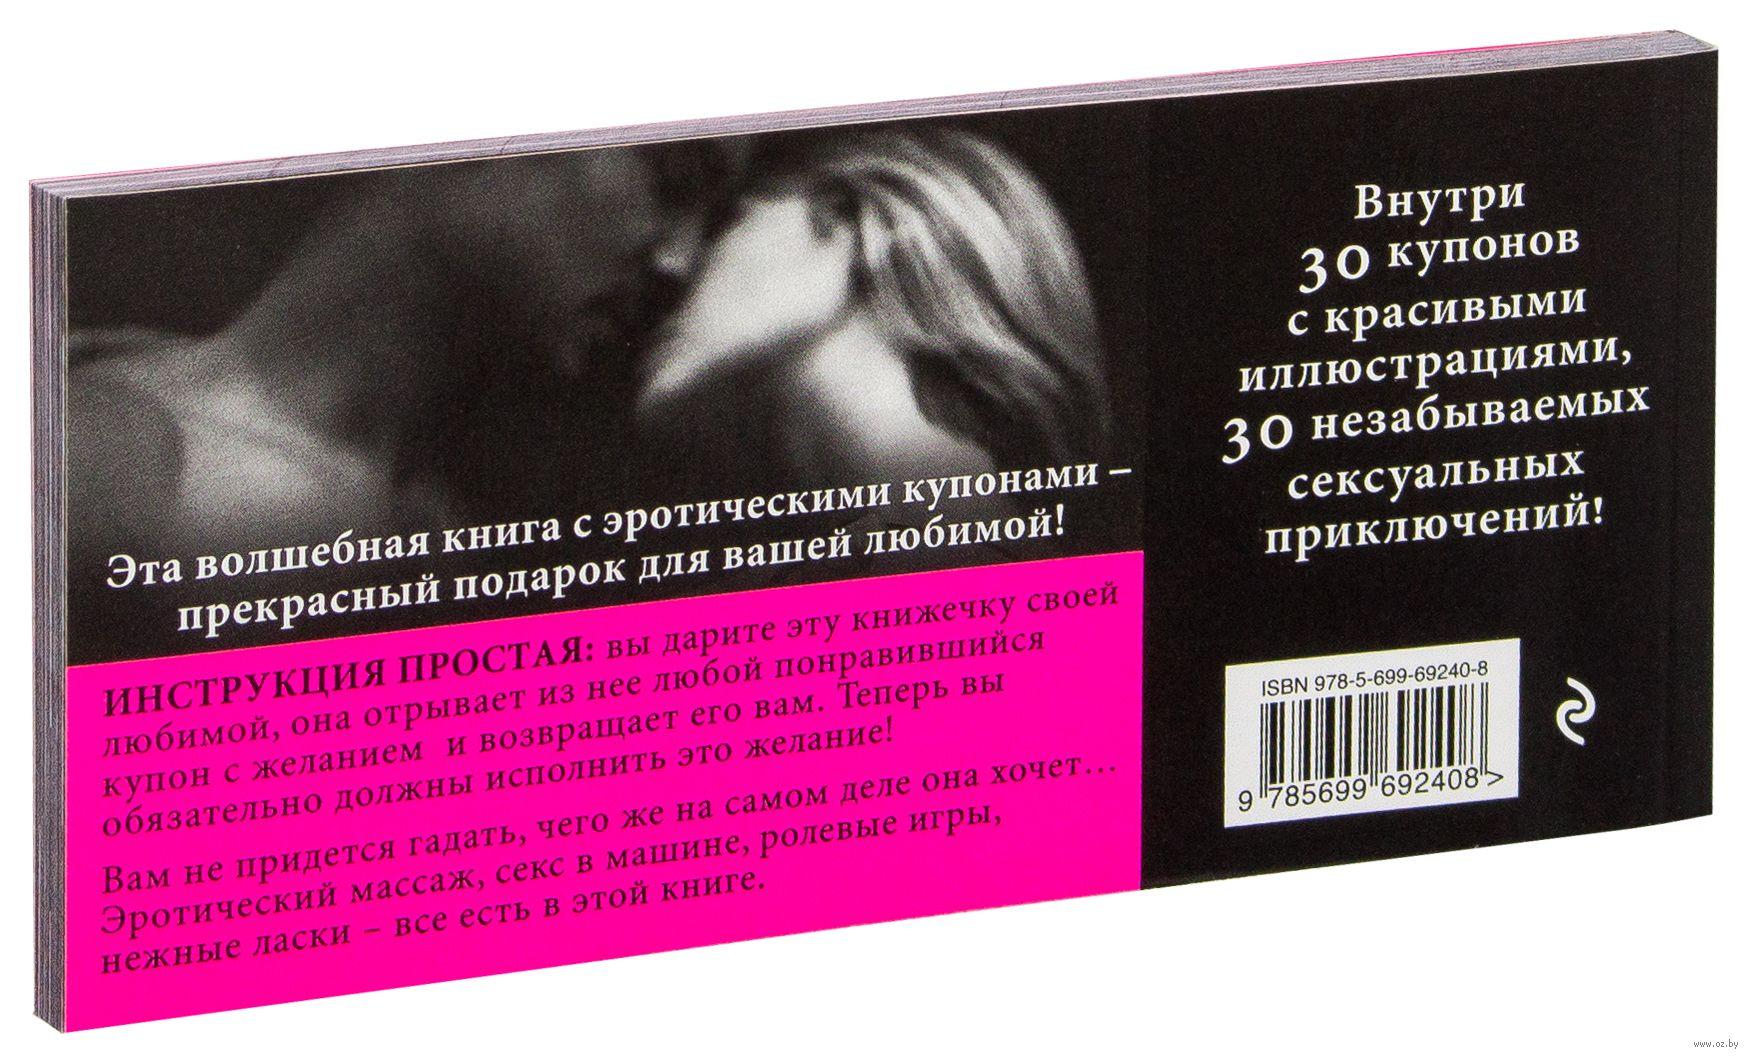 Купоны на секс на 8 марта